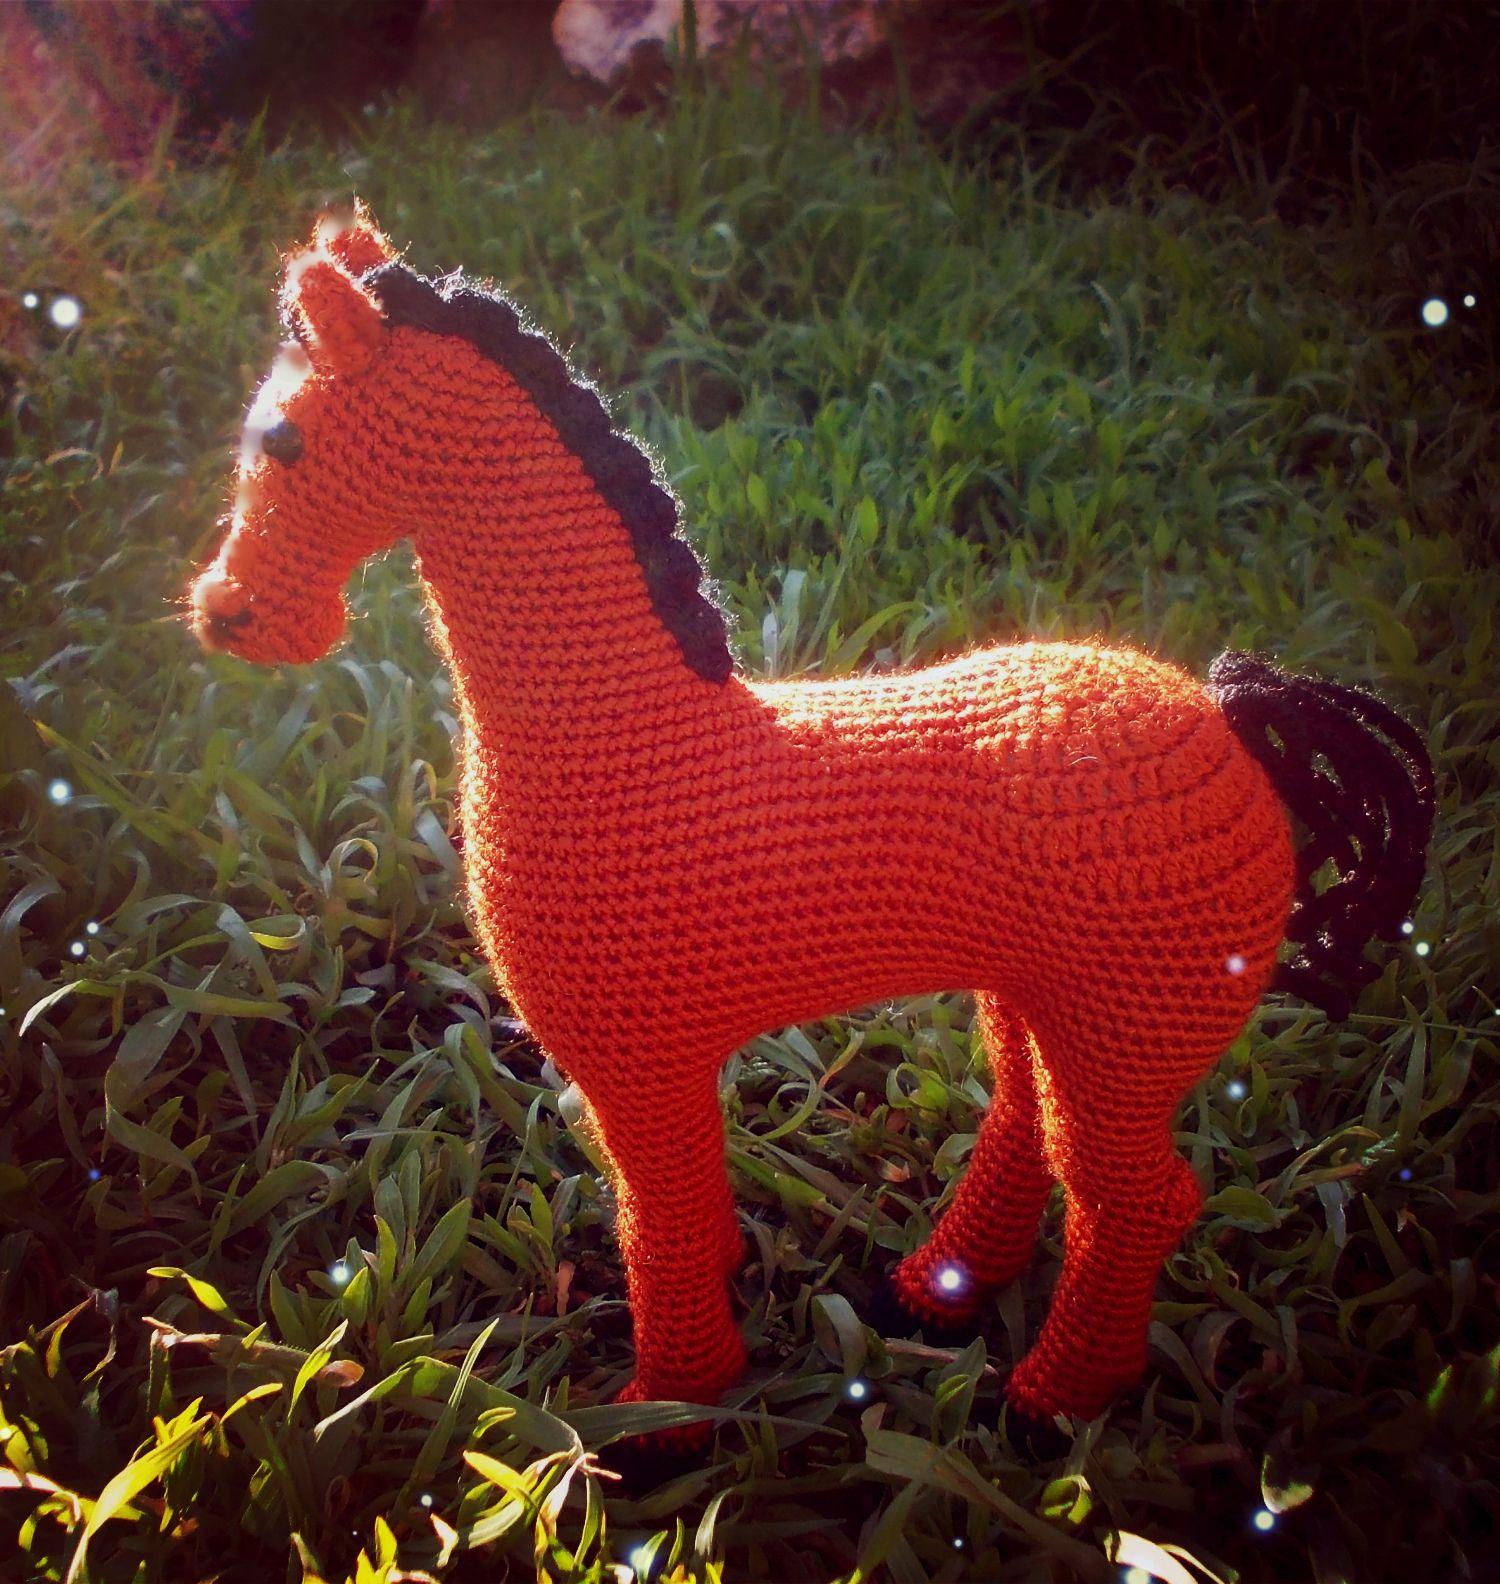 лошадка сувенир детям игрушка амигуруми